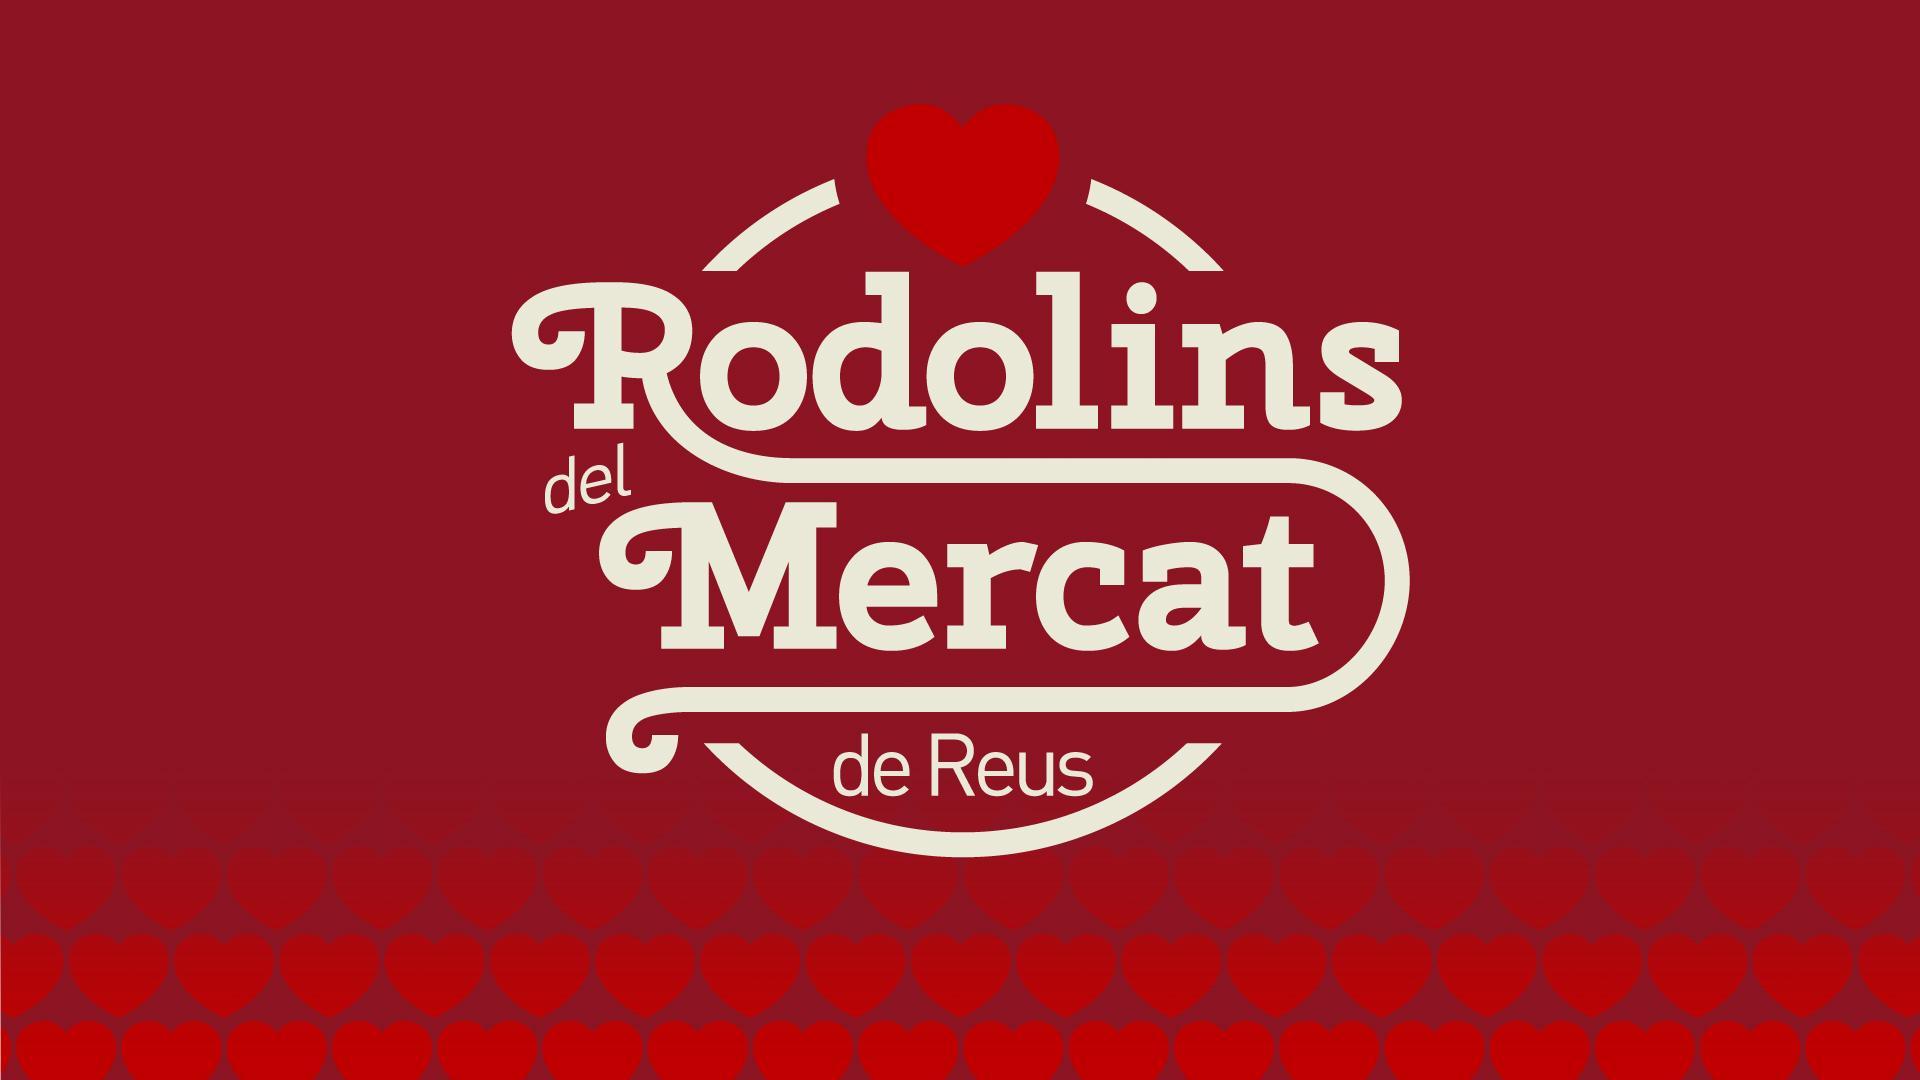 Concurs Rodolins del Mercat